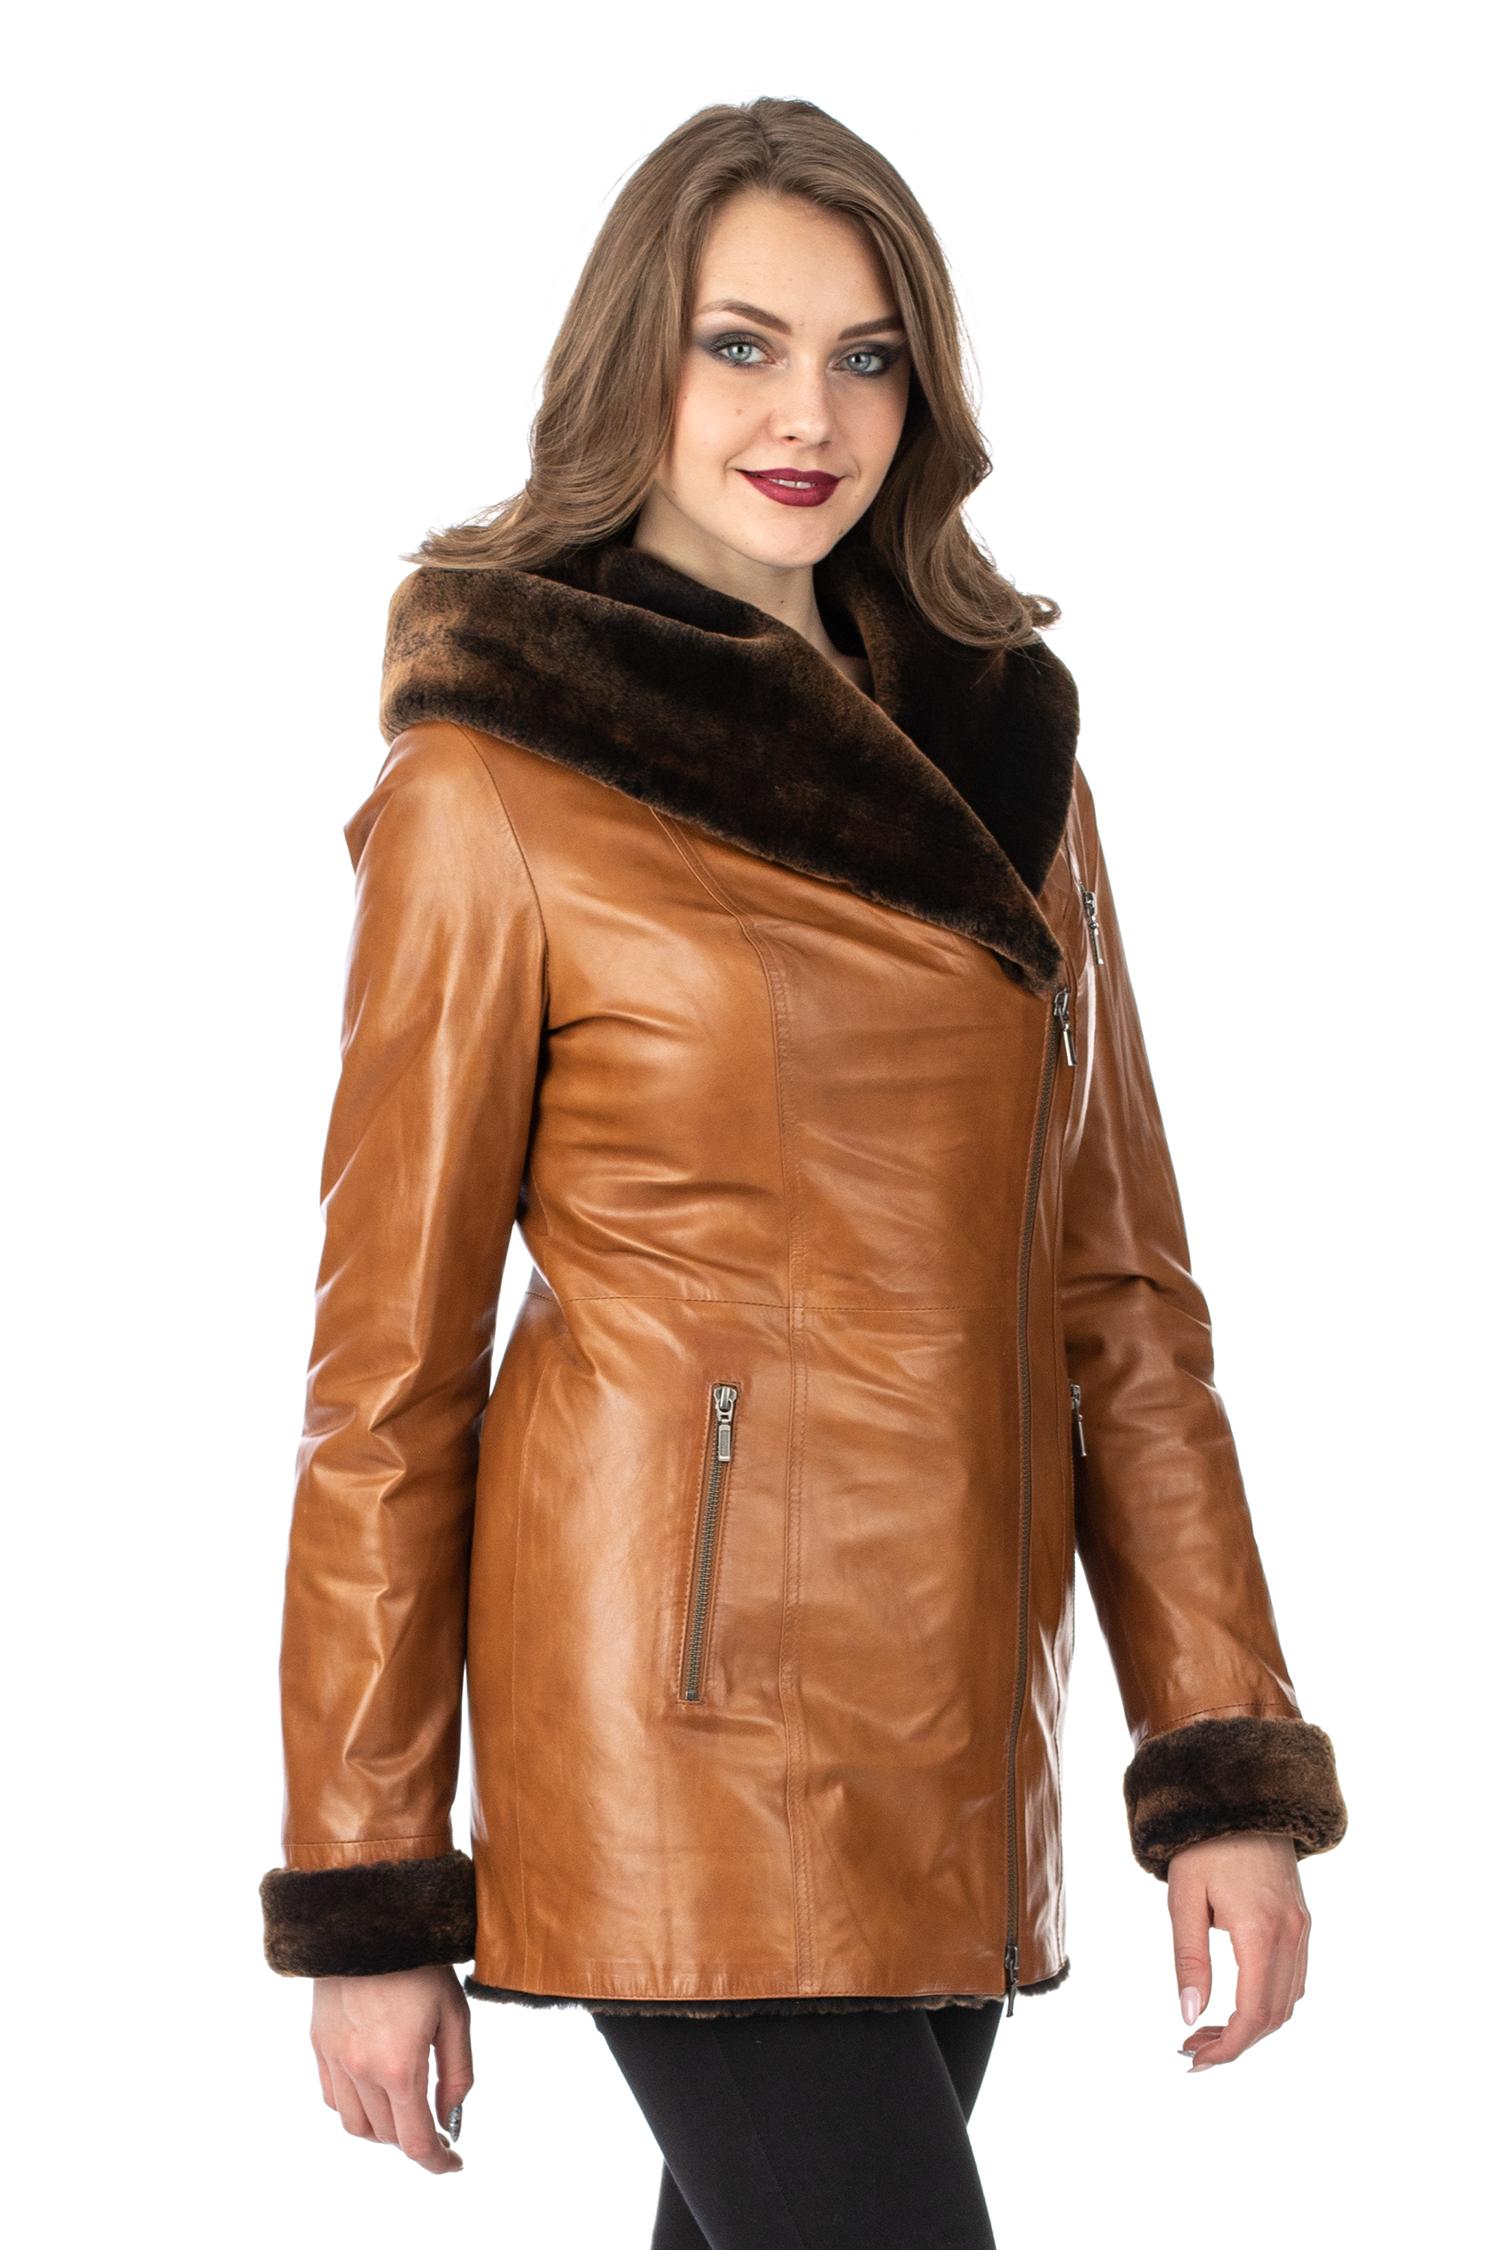 Женское кожаное пальто из натуральной кожи на меху с капюшоном МОСМЕХА